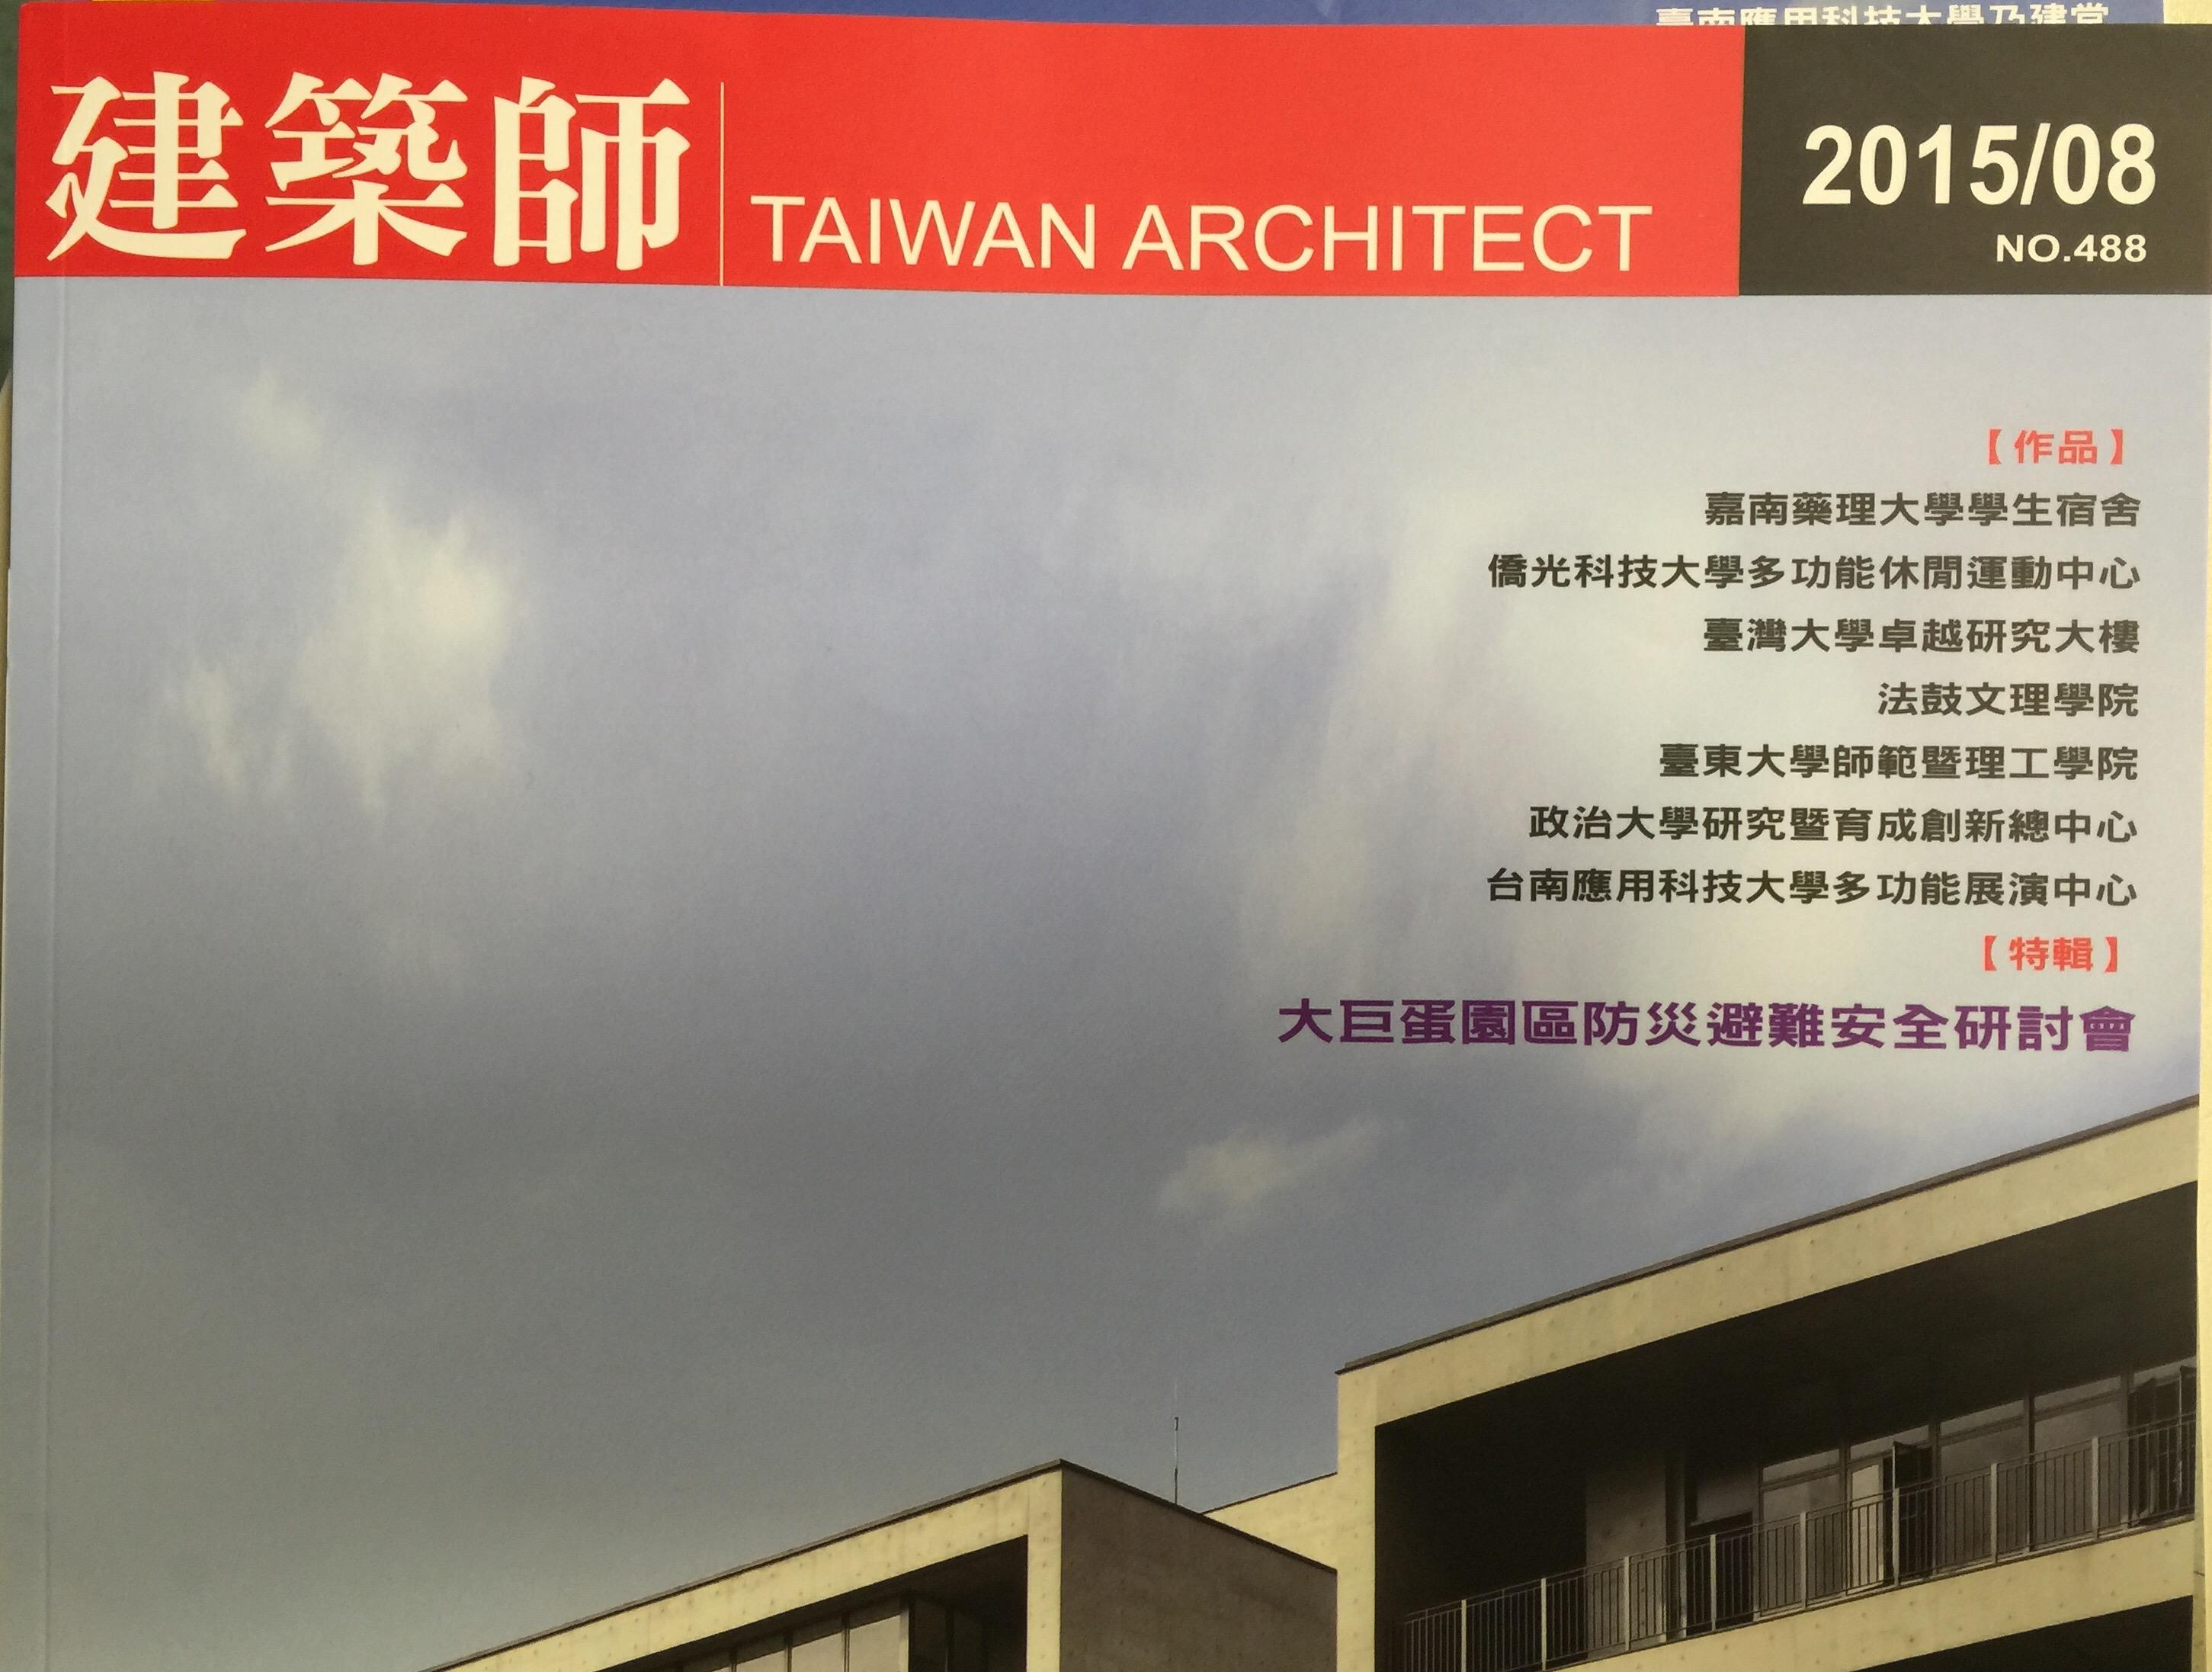 p002_L_10408建築師雜誌.jpg